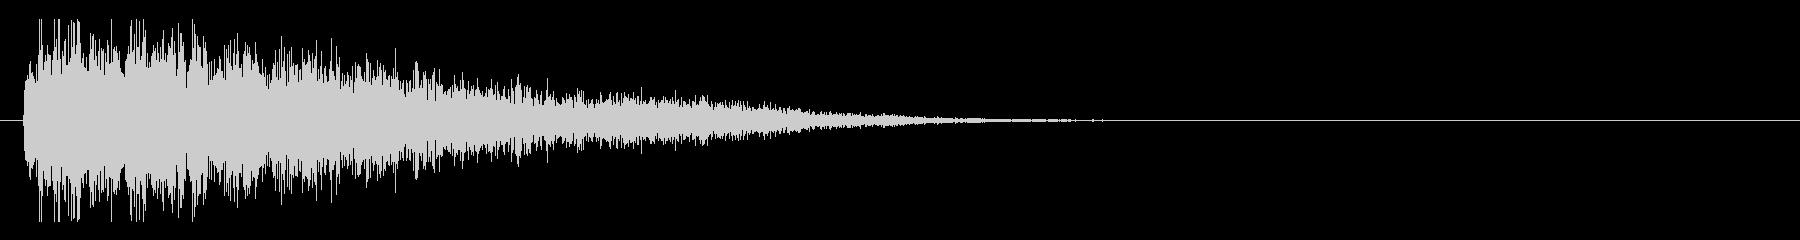 サスペンスピアノ音_2-2の未再生の波形